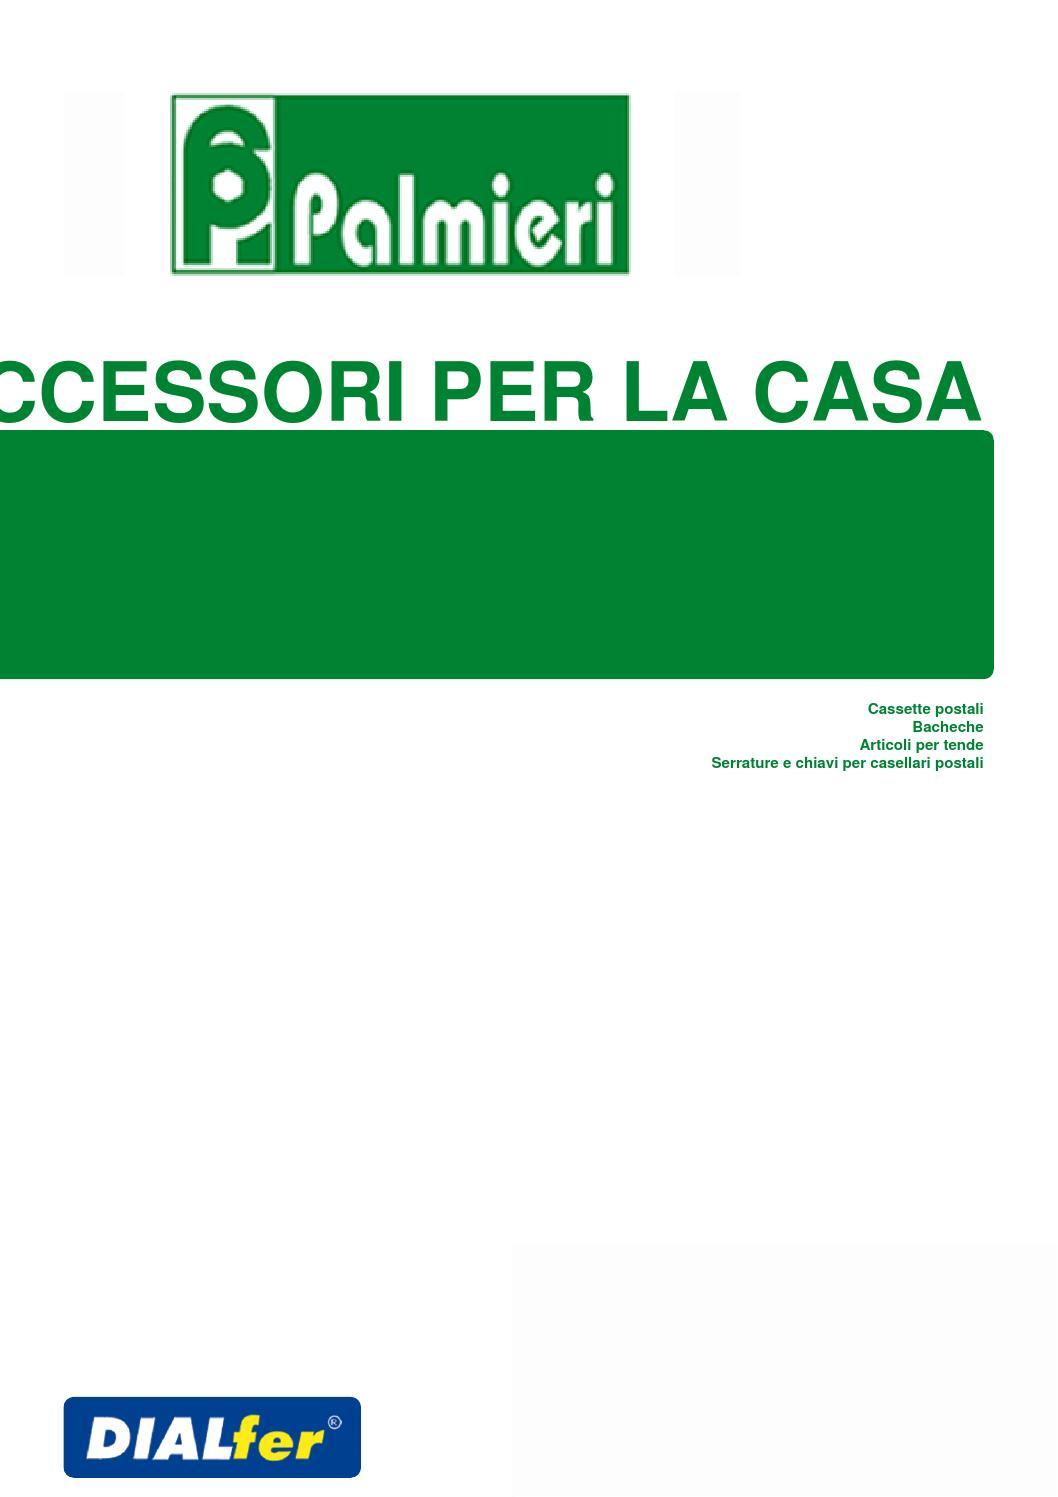 Accessori per la casa catalogo palmieri by maurizio casu for Accessori per la casa